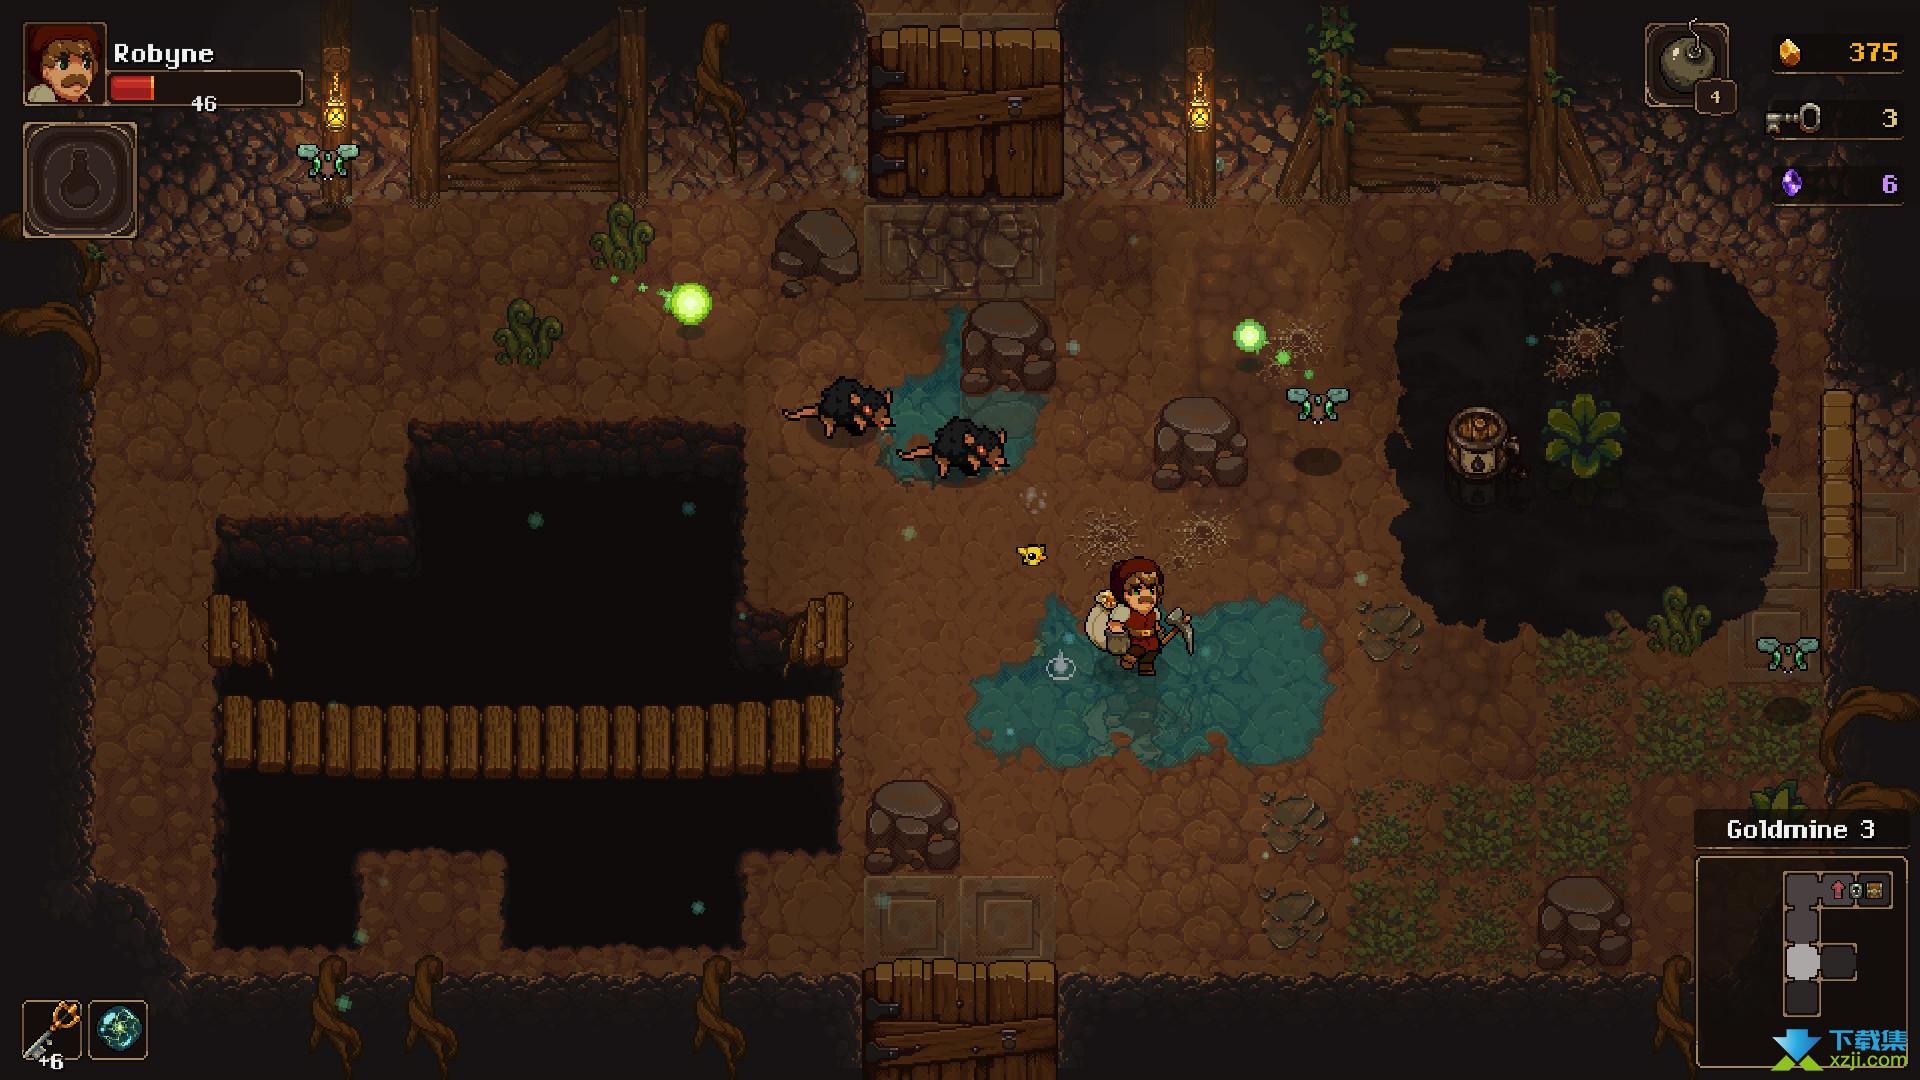 地下矿工界面